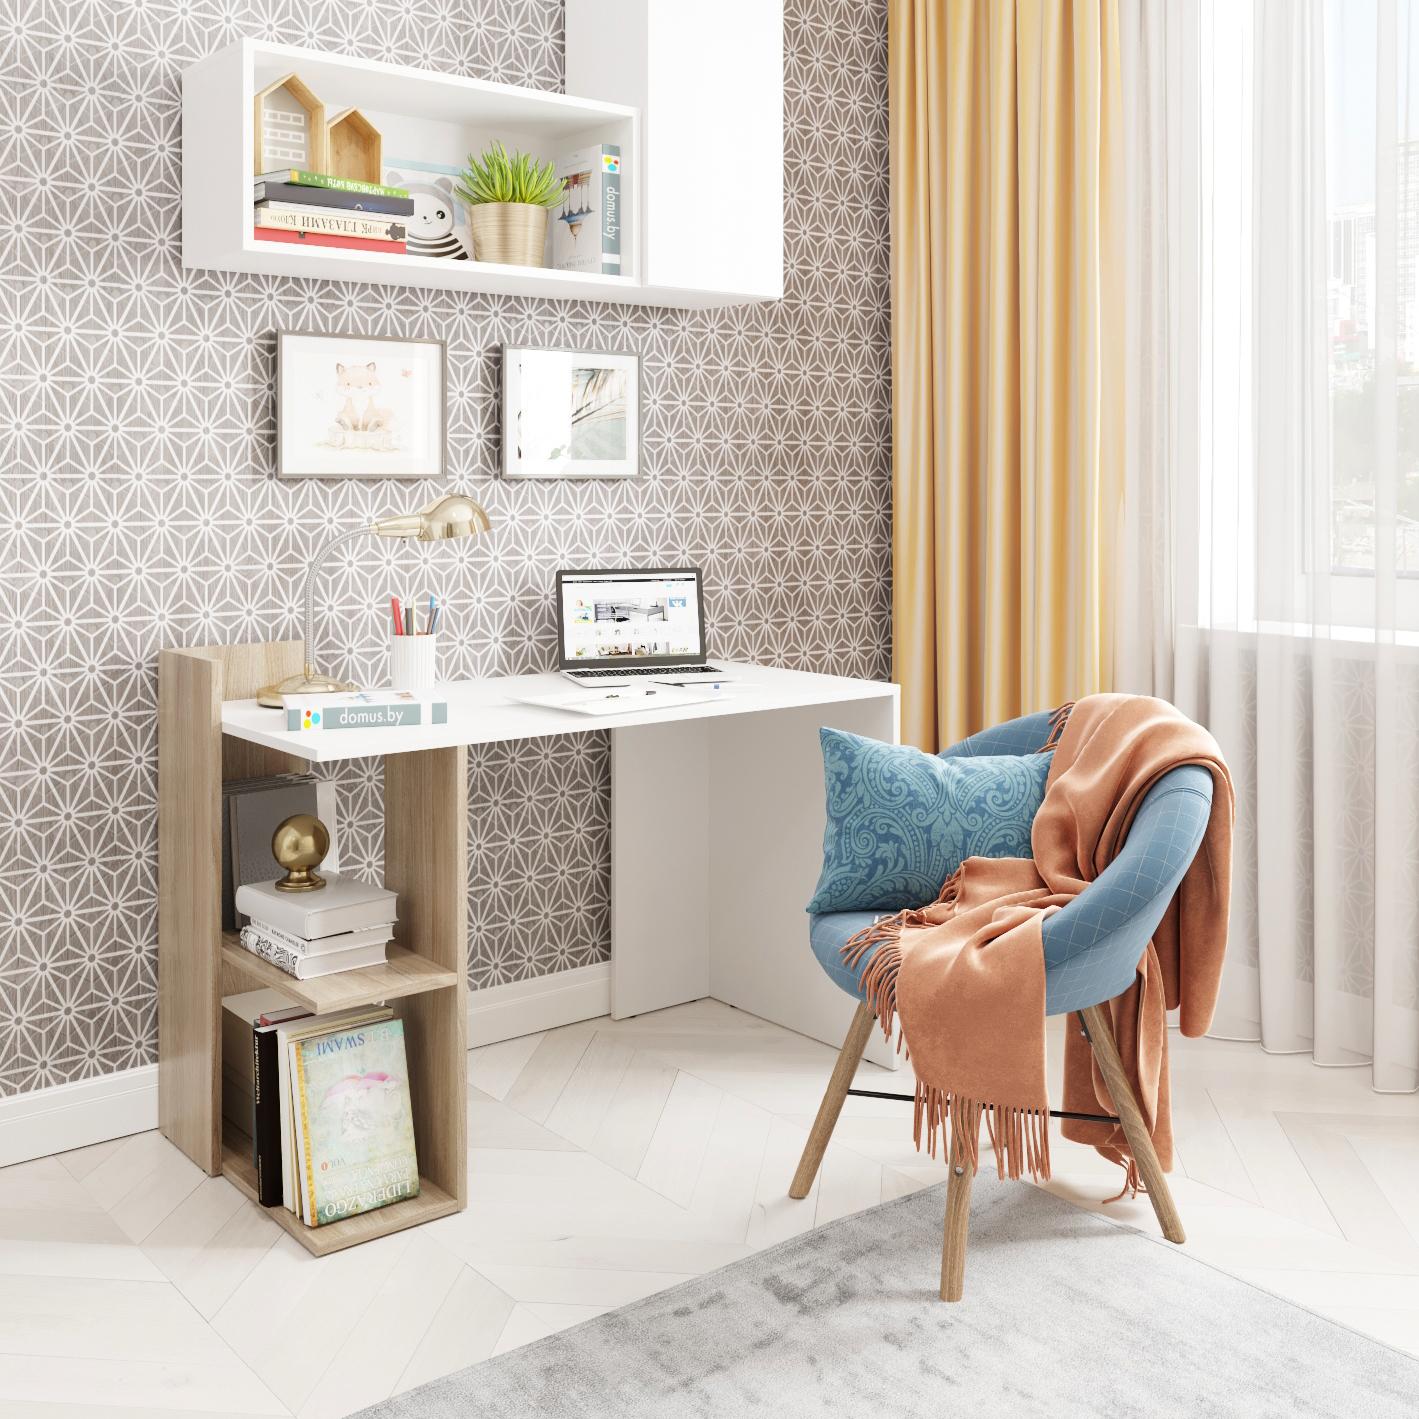 Письменный стол ДОМУС СП017 белый/вяз светлый